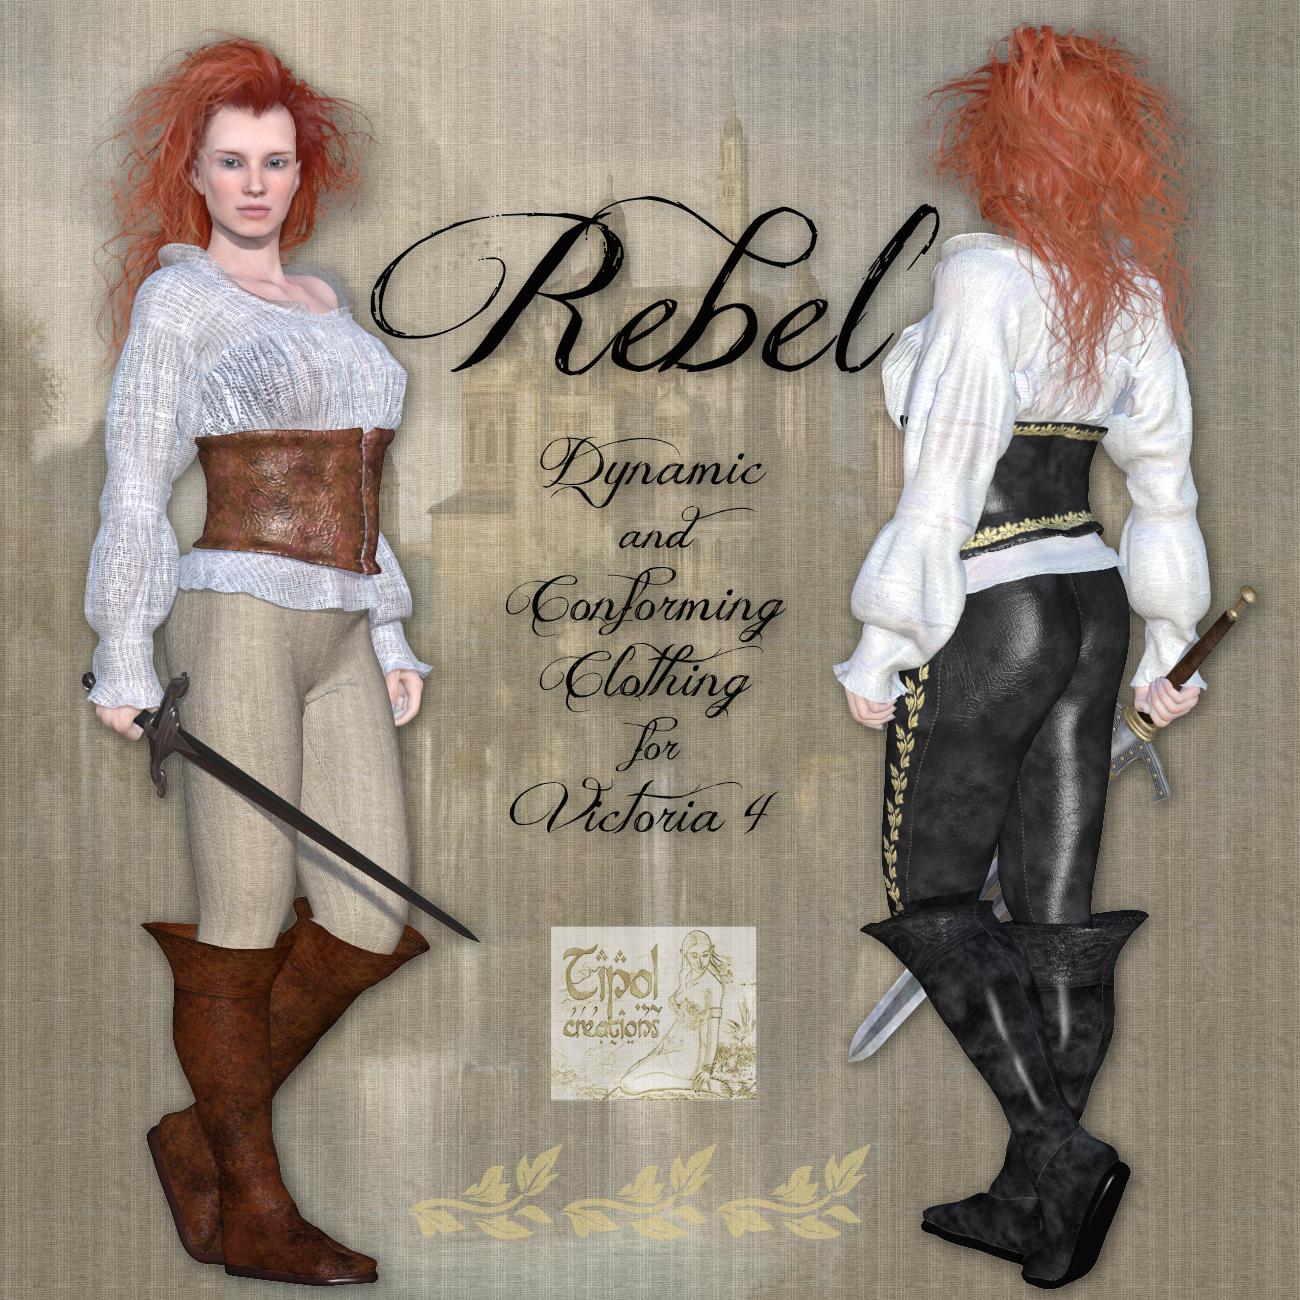 Rebelpromo1